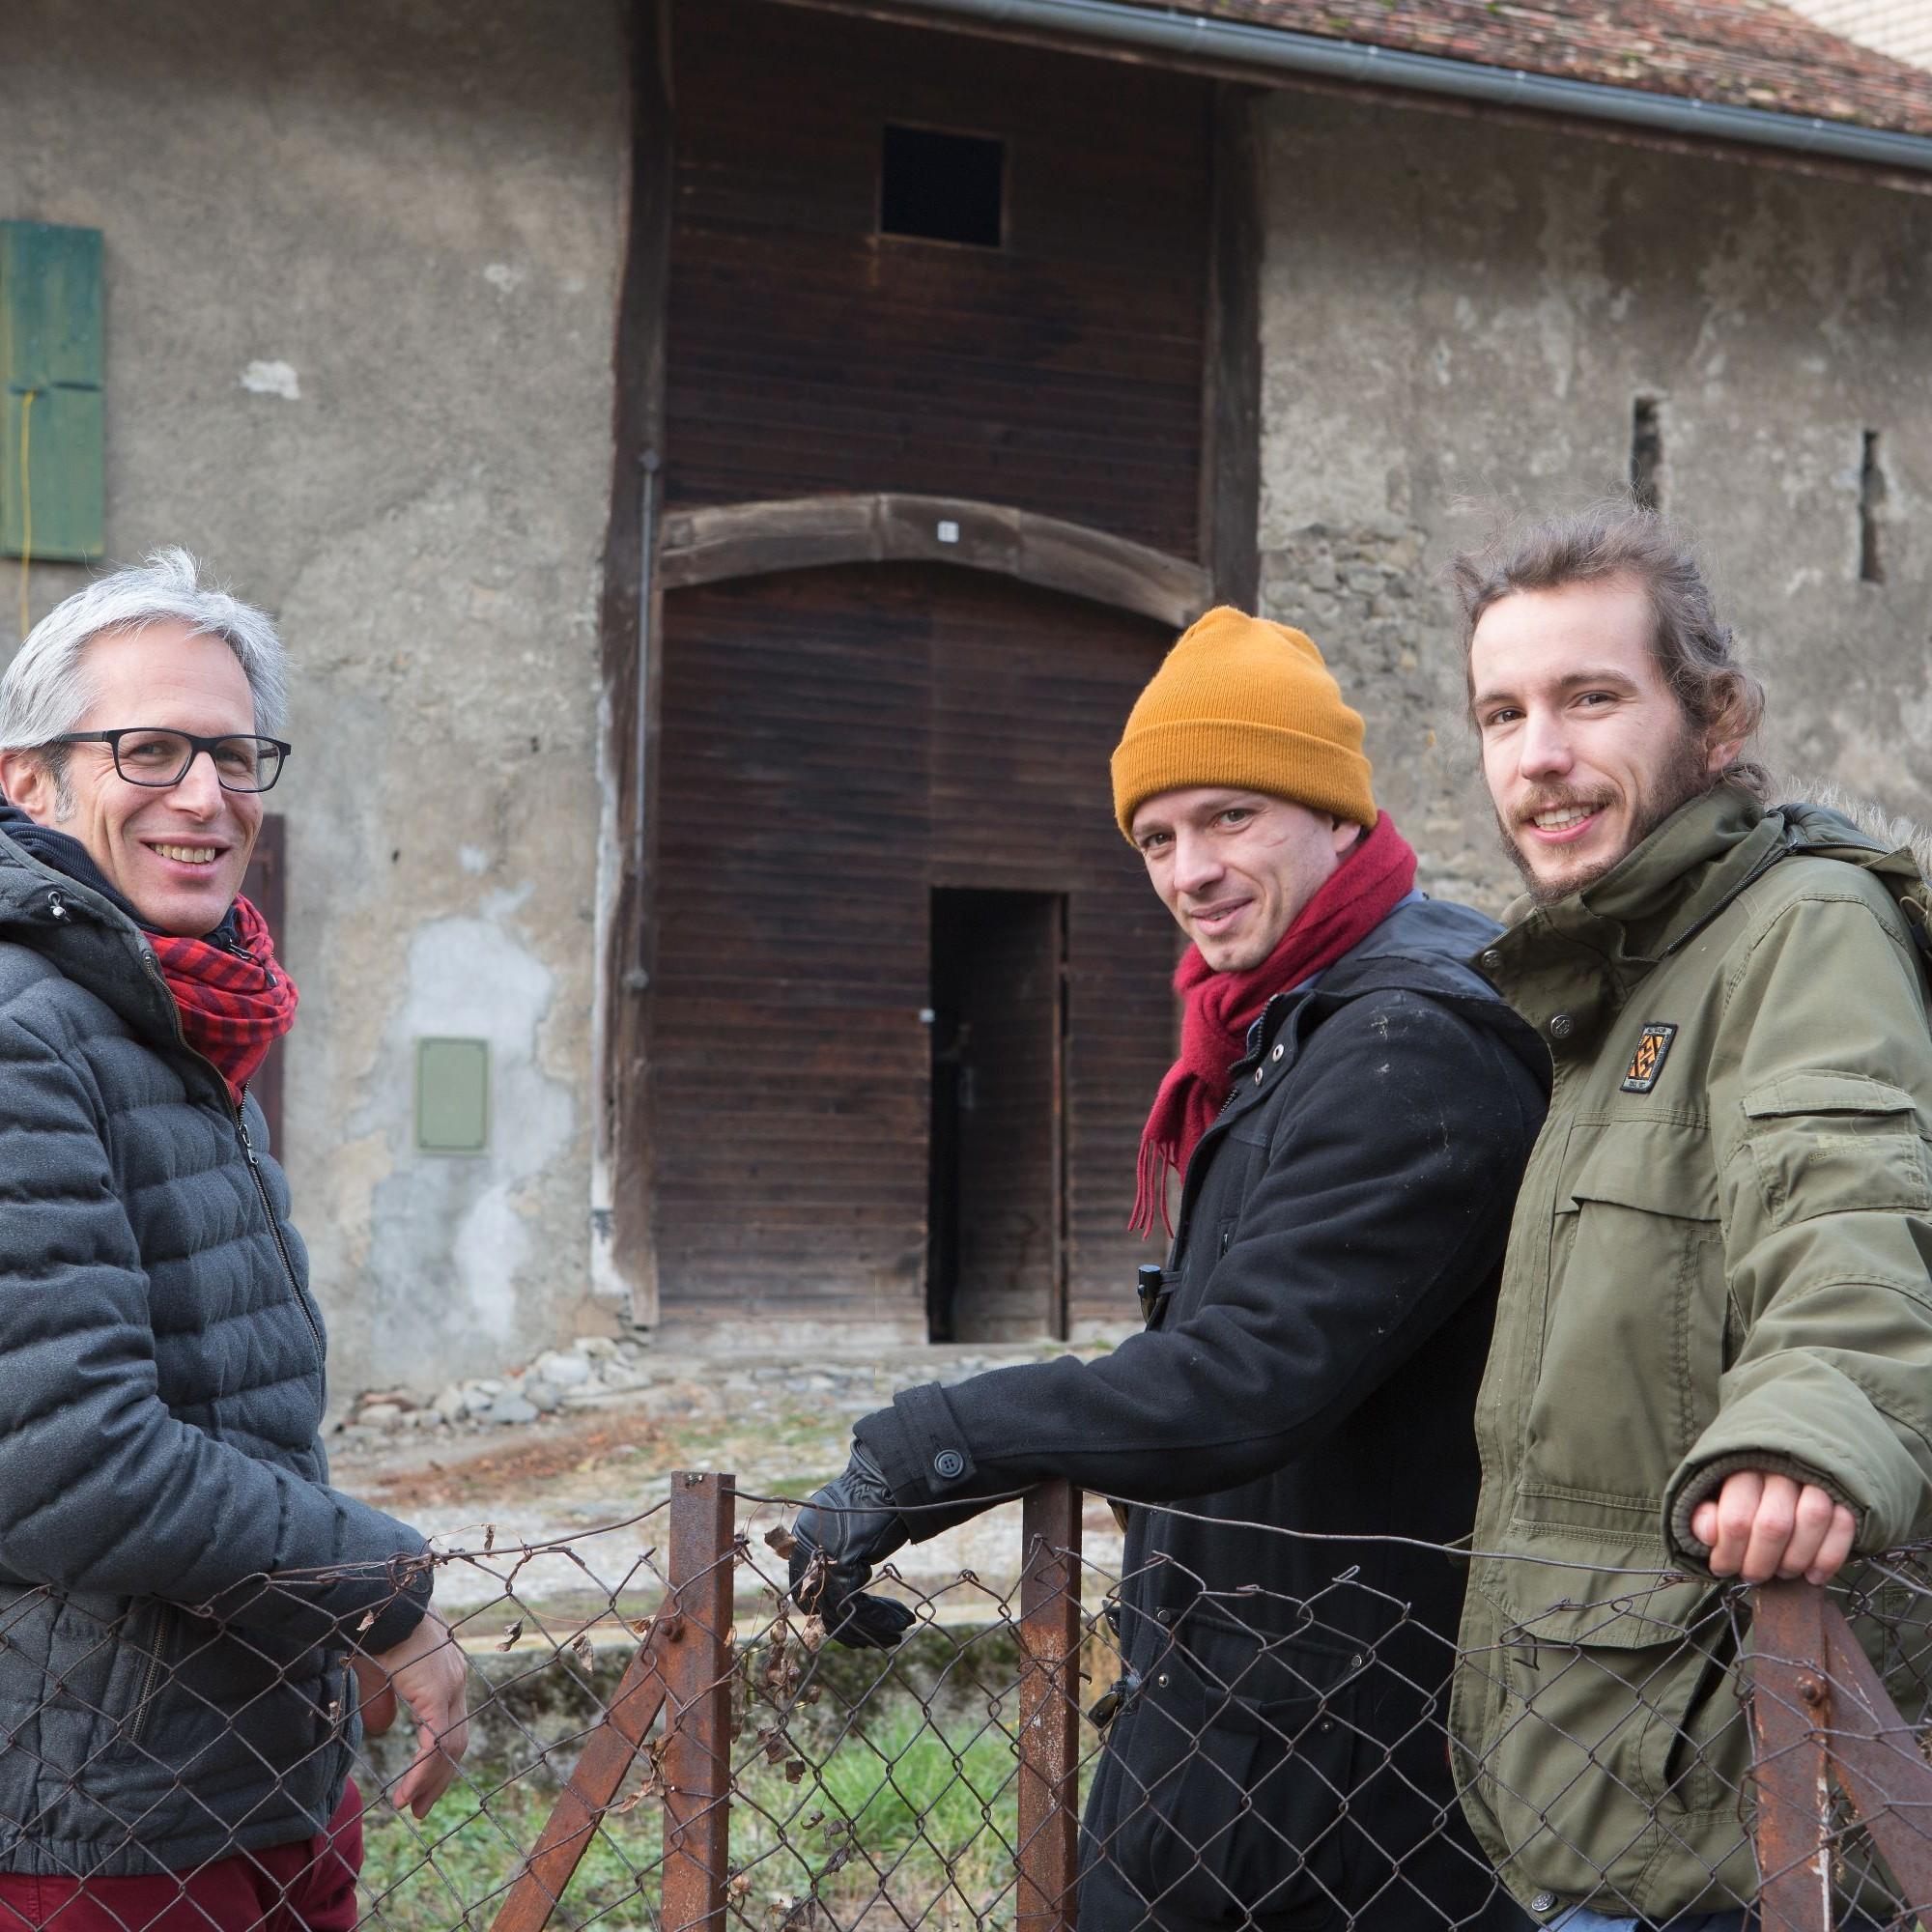 Coach Laurent Guidetti von Tribu Architecture mit den Projektinitianten aus Denens VD, den jungen Architekten Arthur de Buren und Charles Capré.